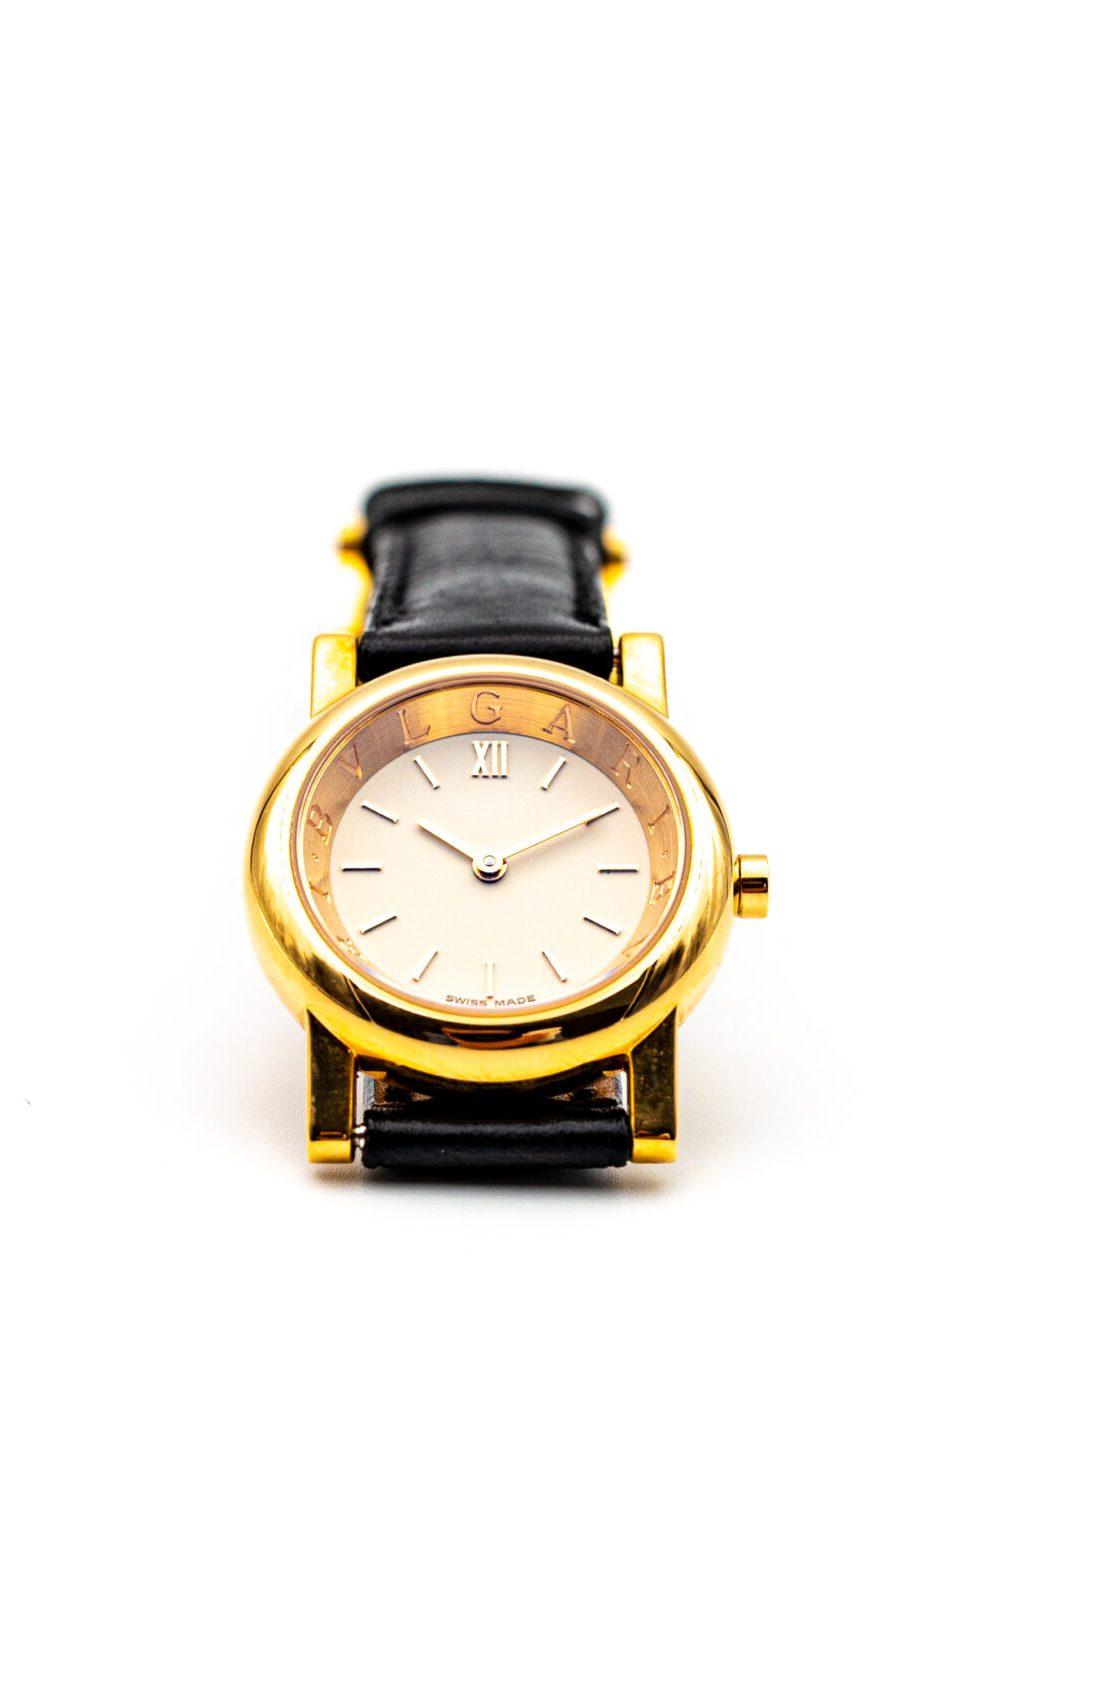 Uhren / Schmuck / Produktfotograf Luzern, Produktfotografie Schweiz